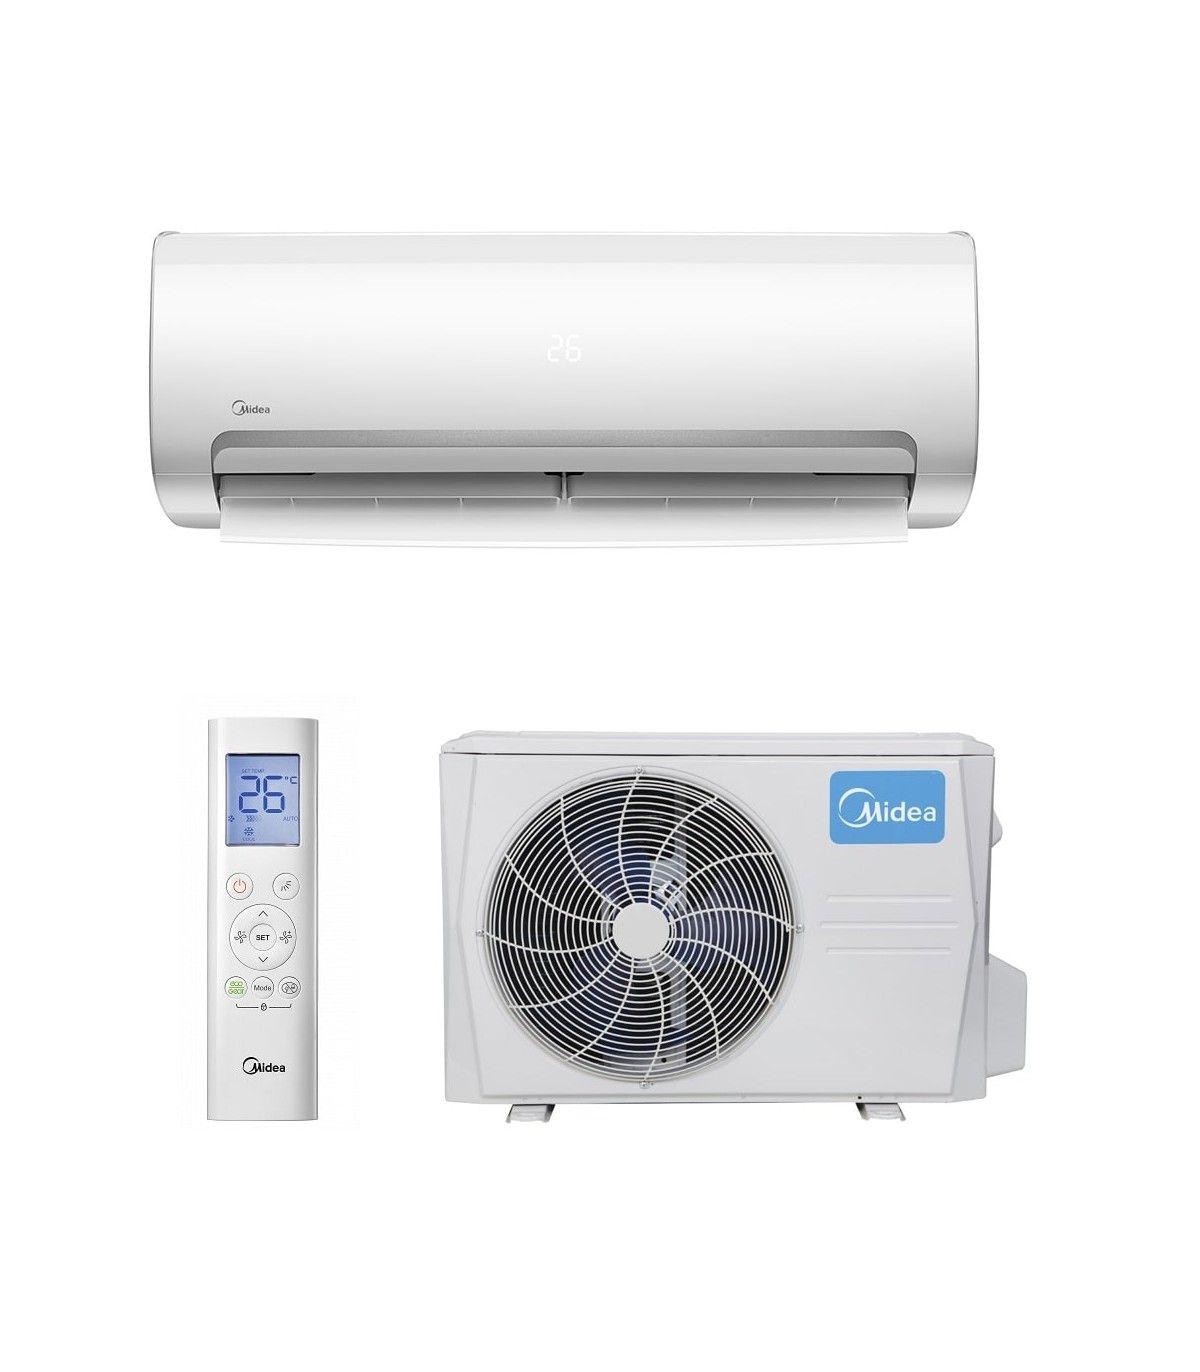 aire acondicionado split Midea Mission II 71(24)N8 suministros industriales moreno venta de aire acondicionado